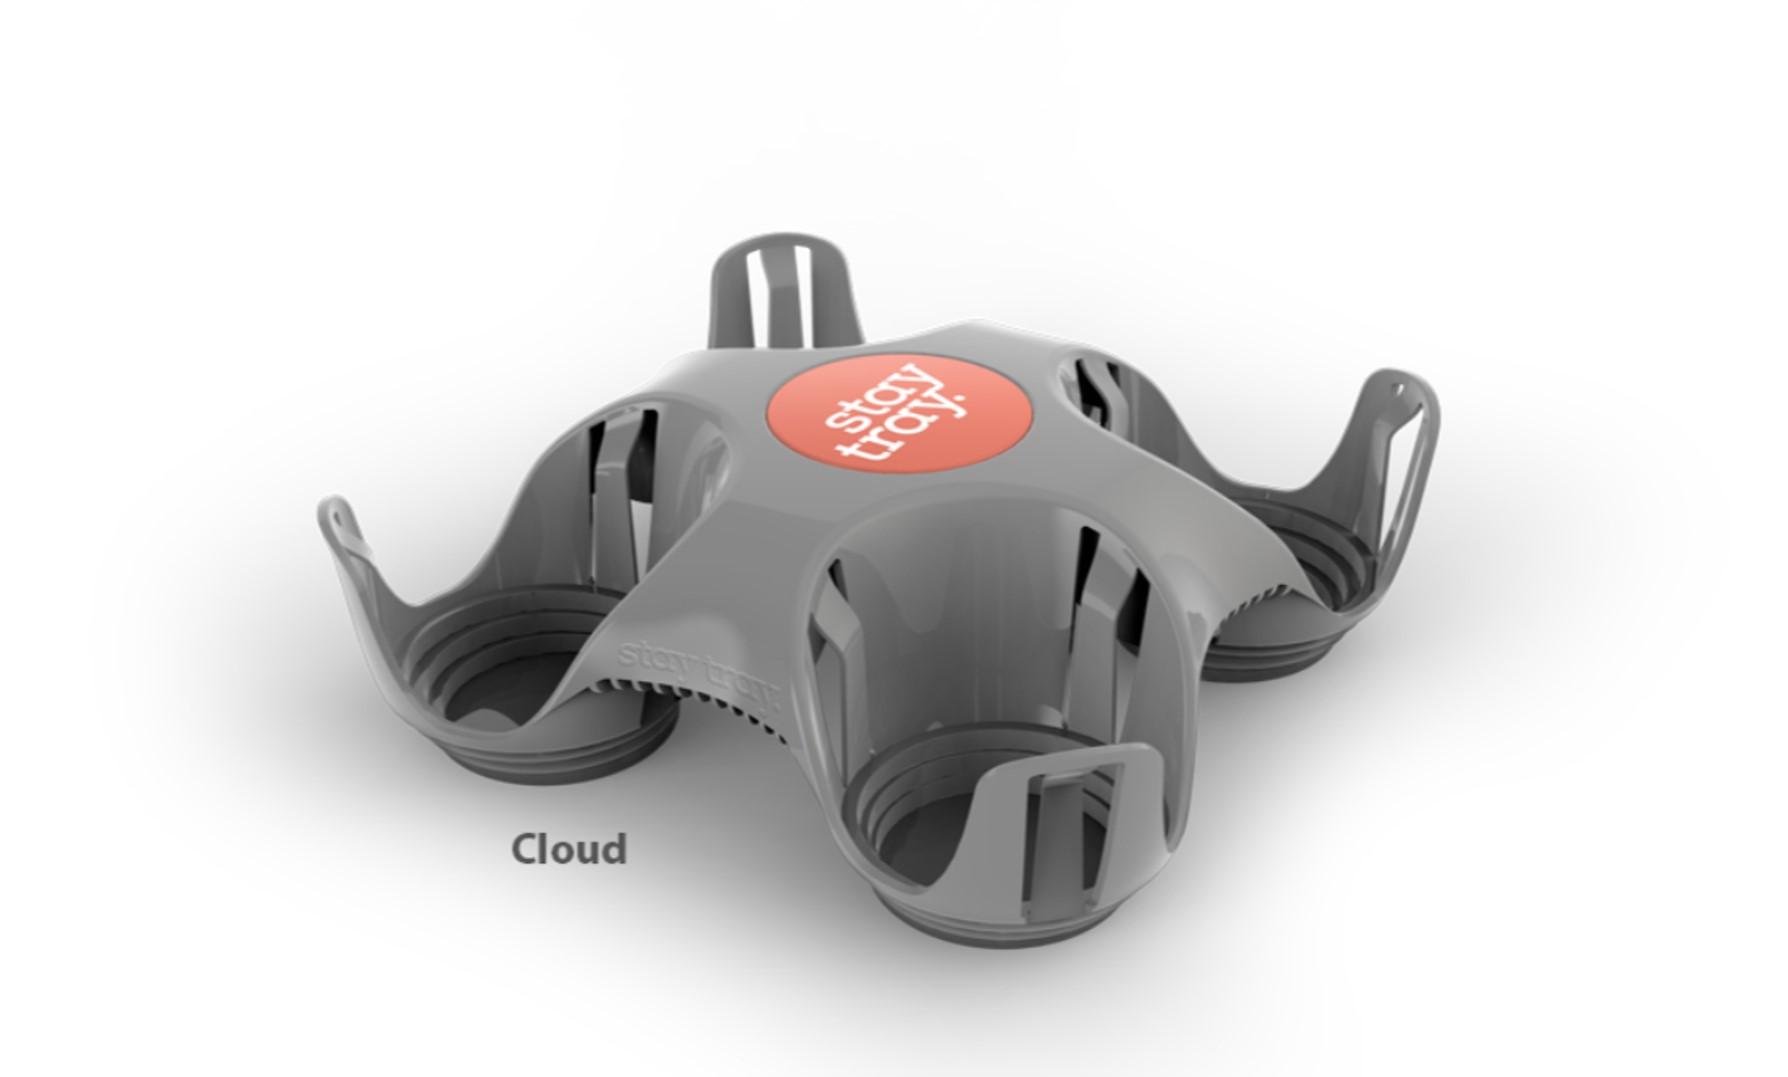 Staytray (Cloud)